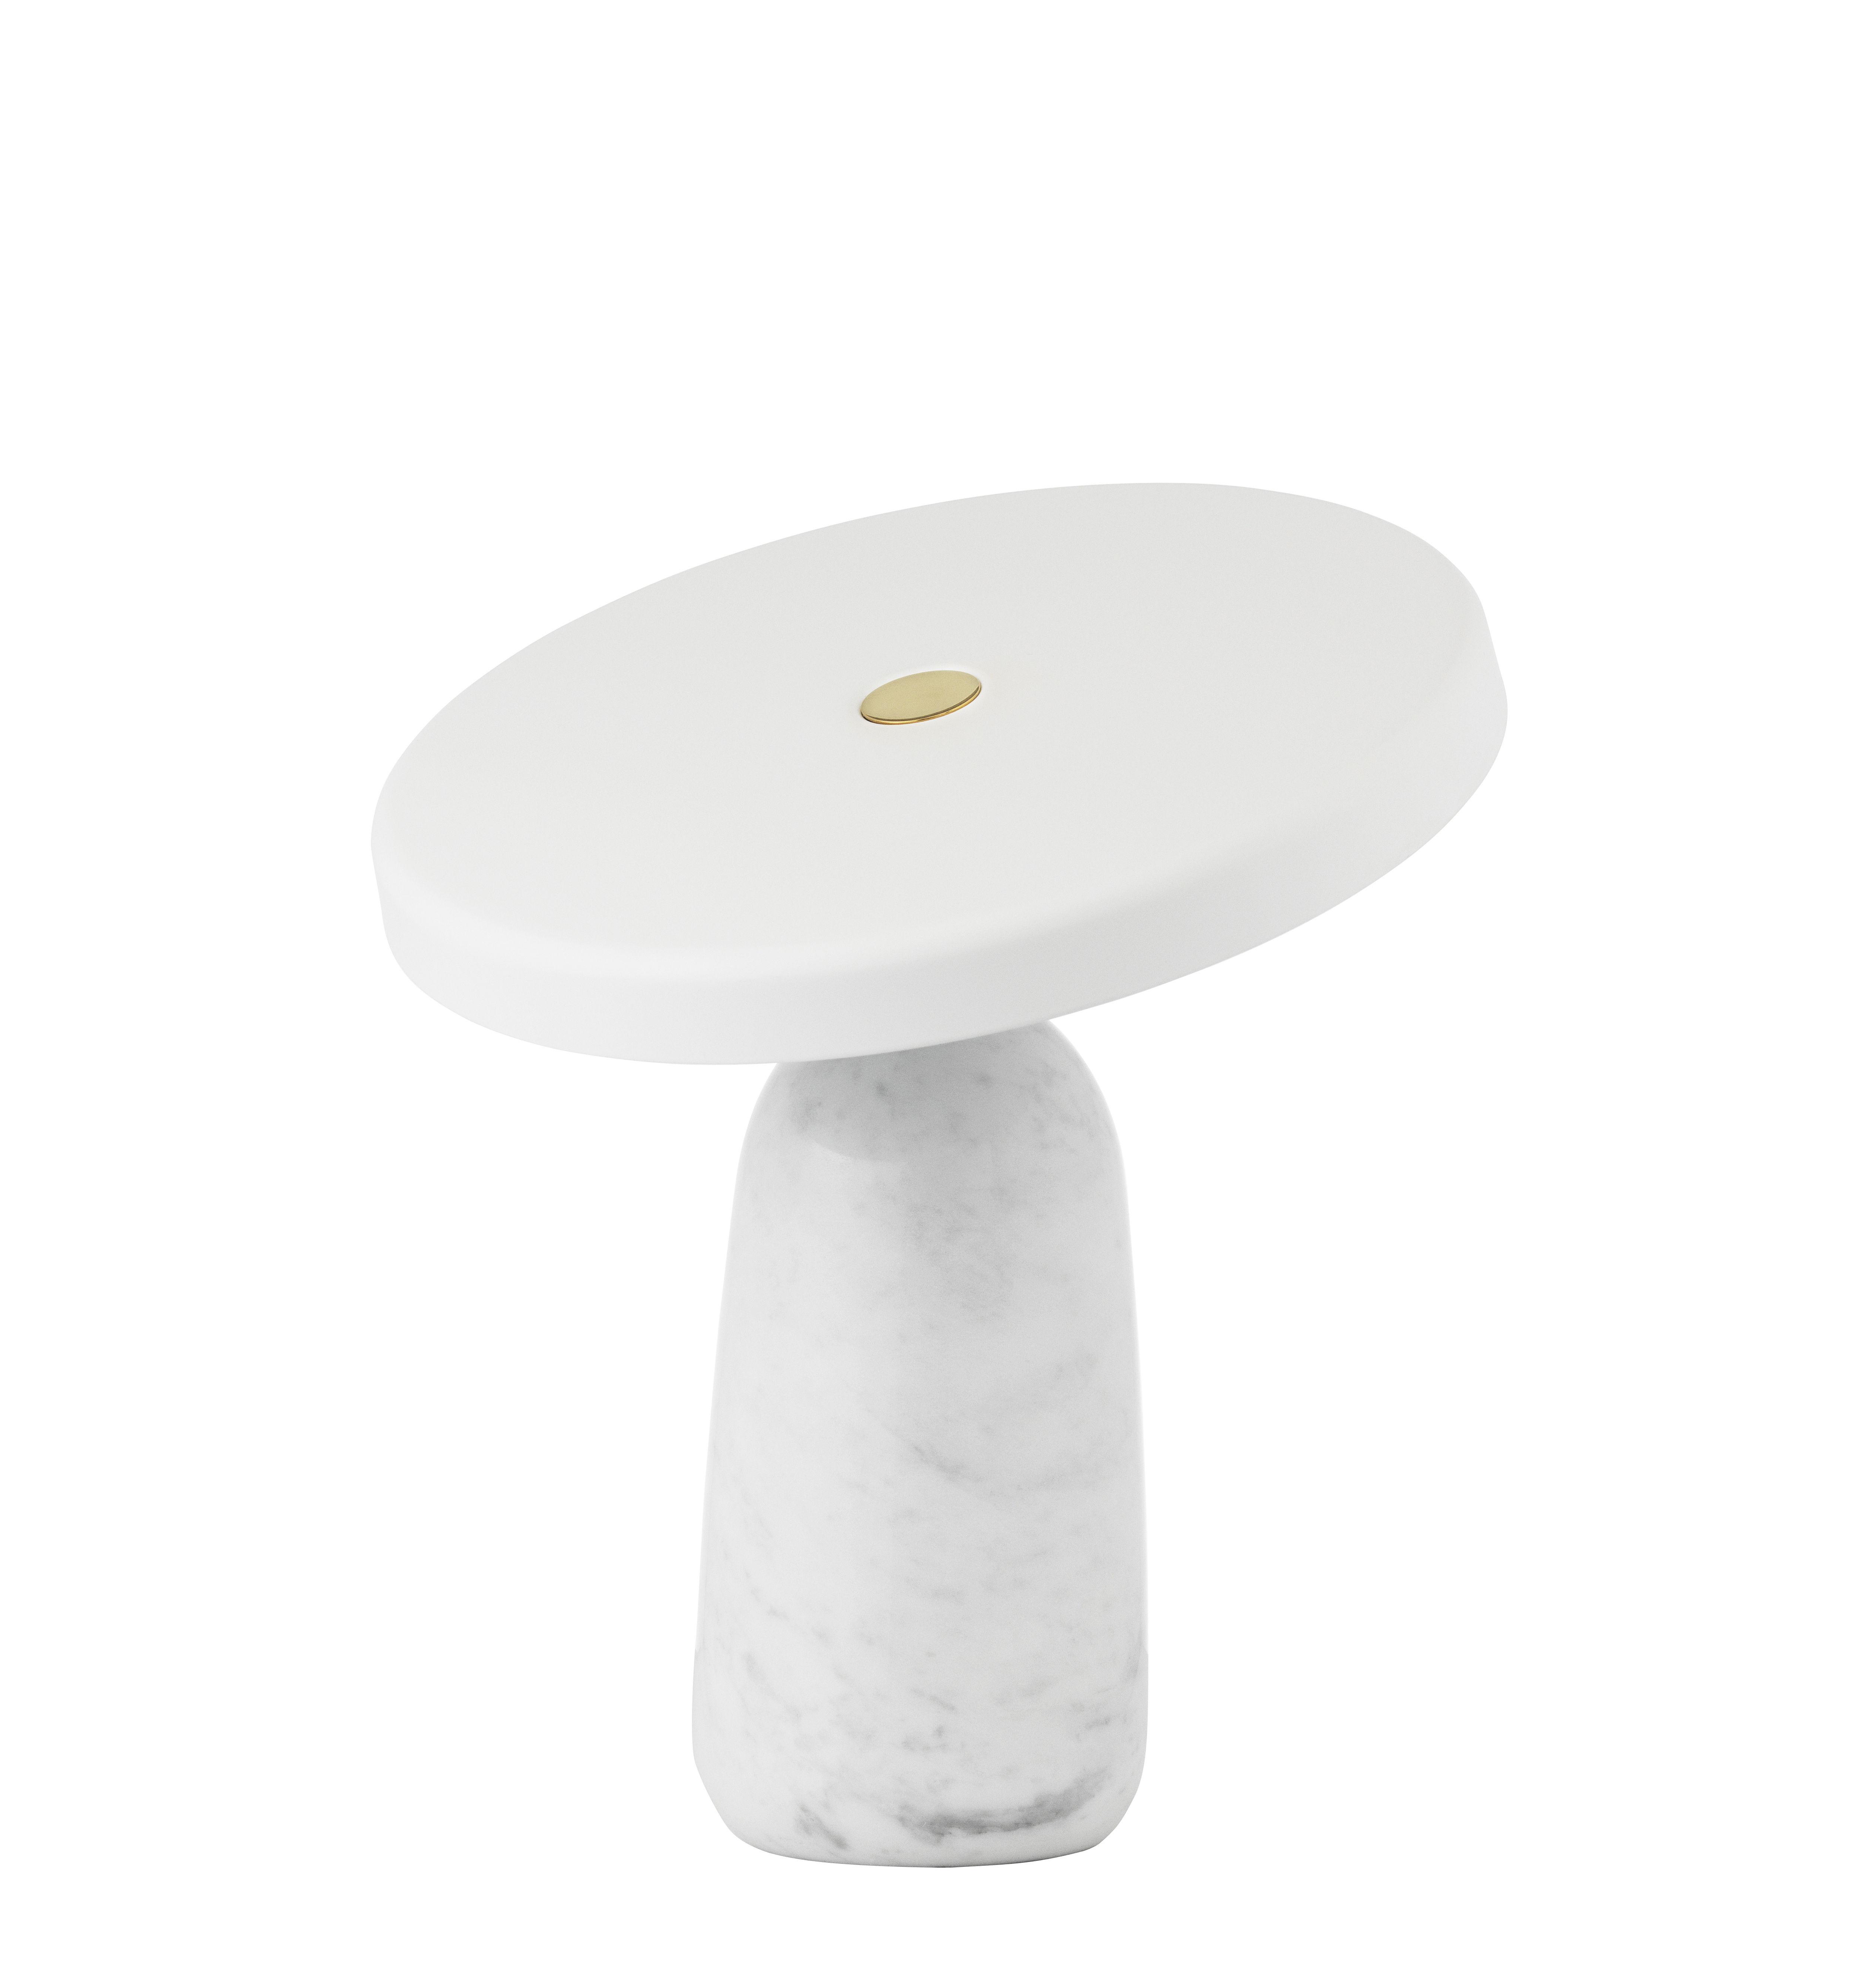 Luminaire - Lampes de table - Lampe de table Eddy / Avec pivot - Marbre & acier embouti - Normann Copenhagen - Blanc - Acier embouti, Laiton, Marbre italien